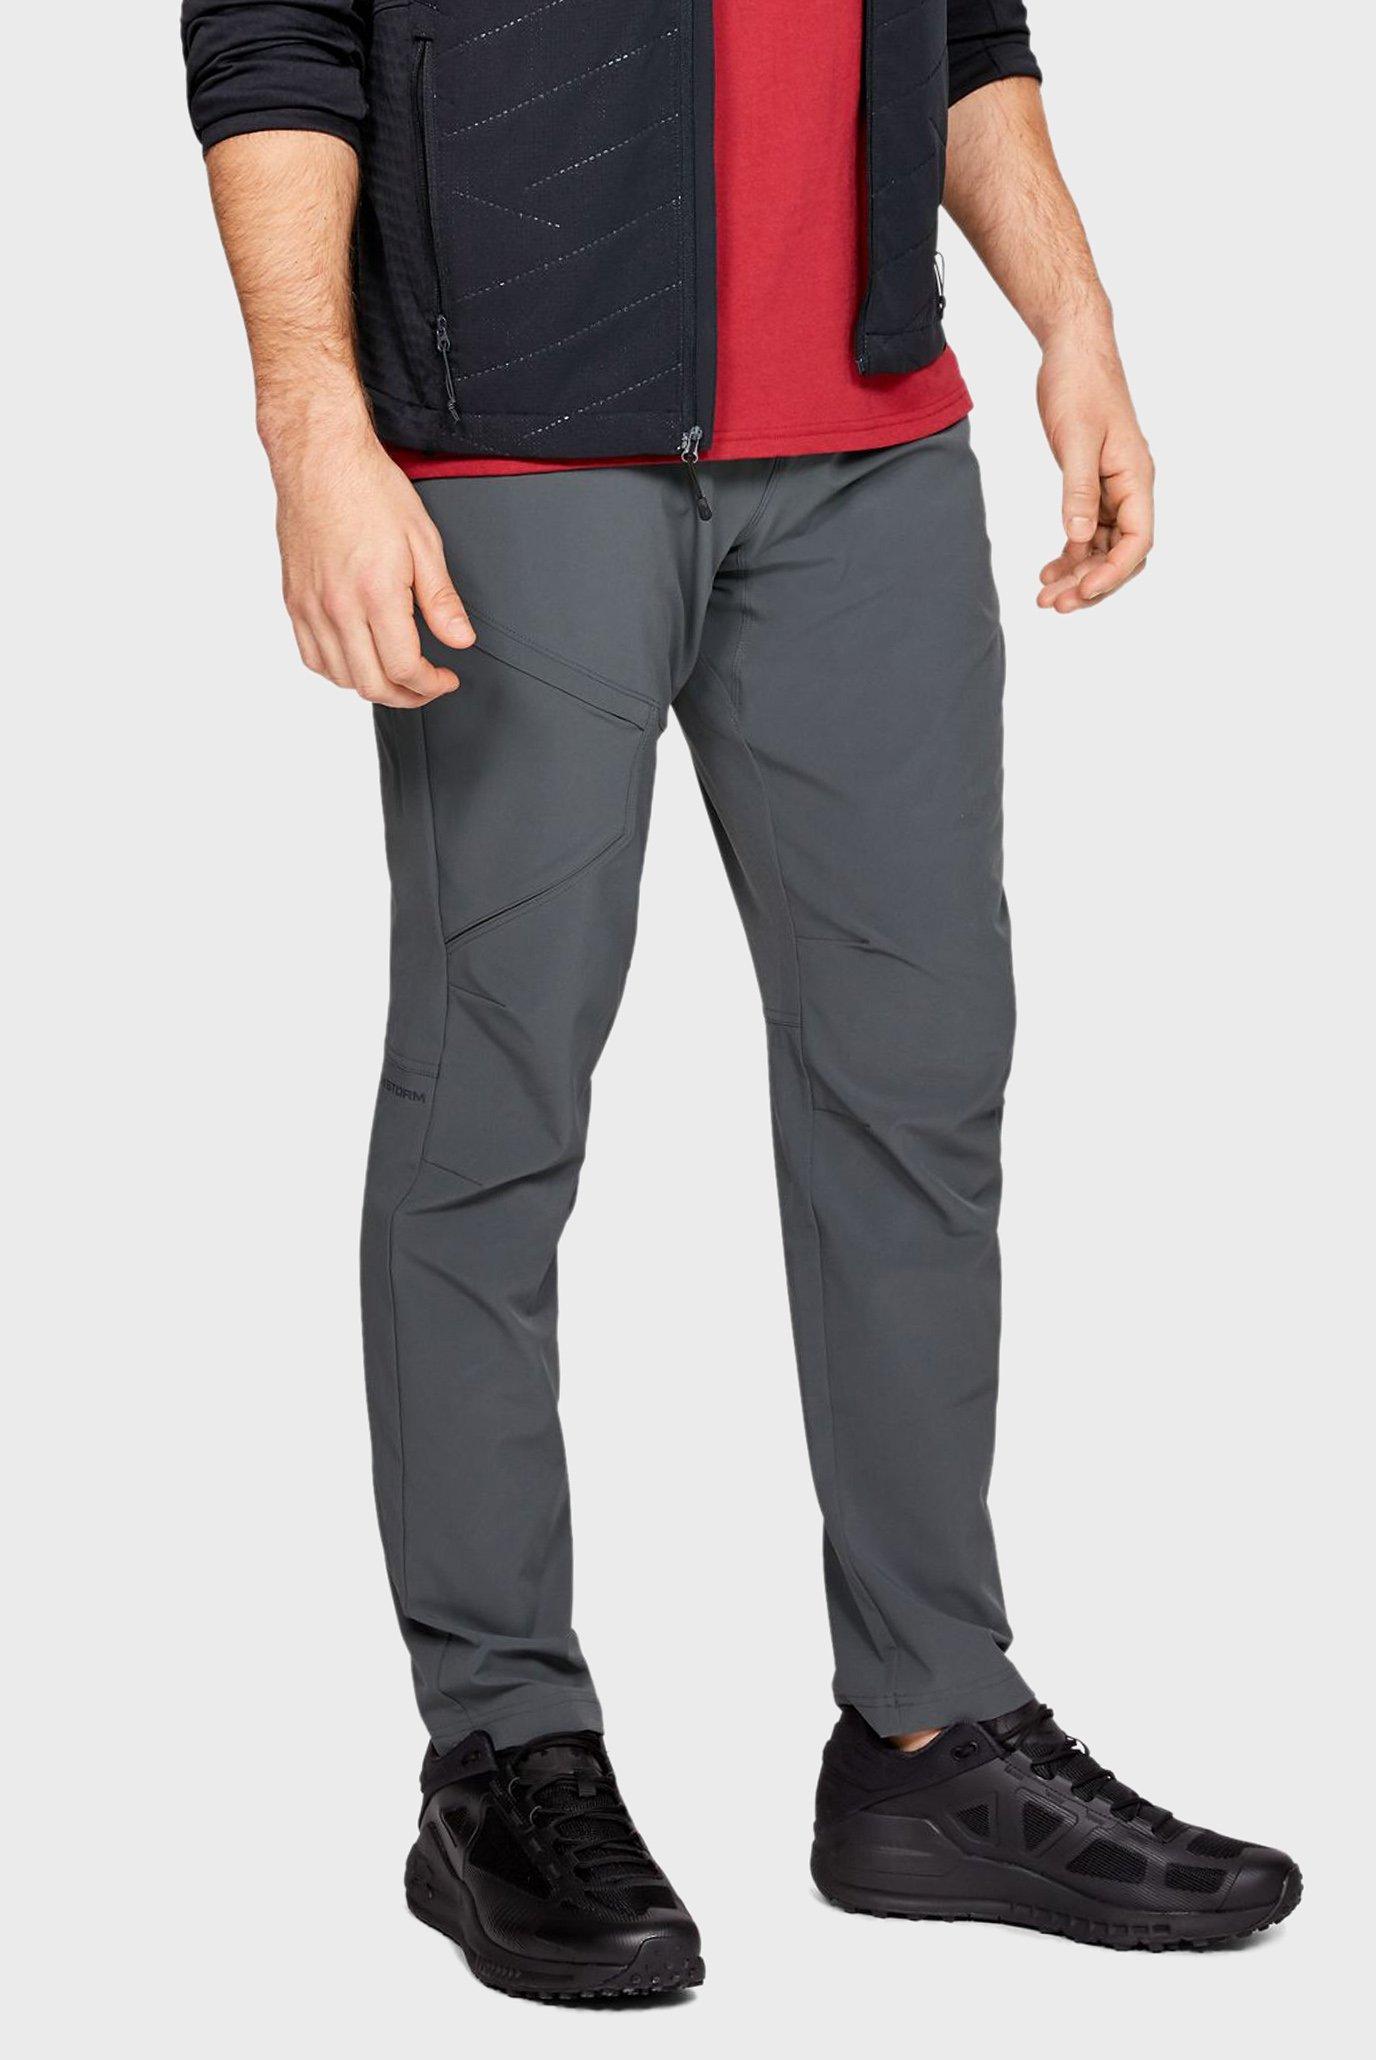 Чоловічі сірі спортивні штани UA Fusion 1